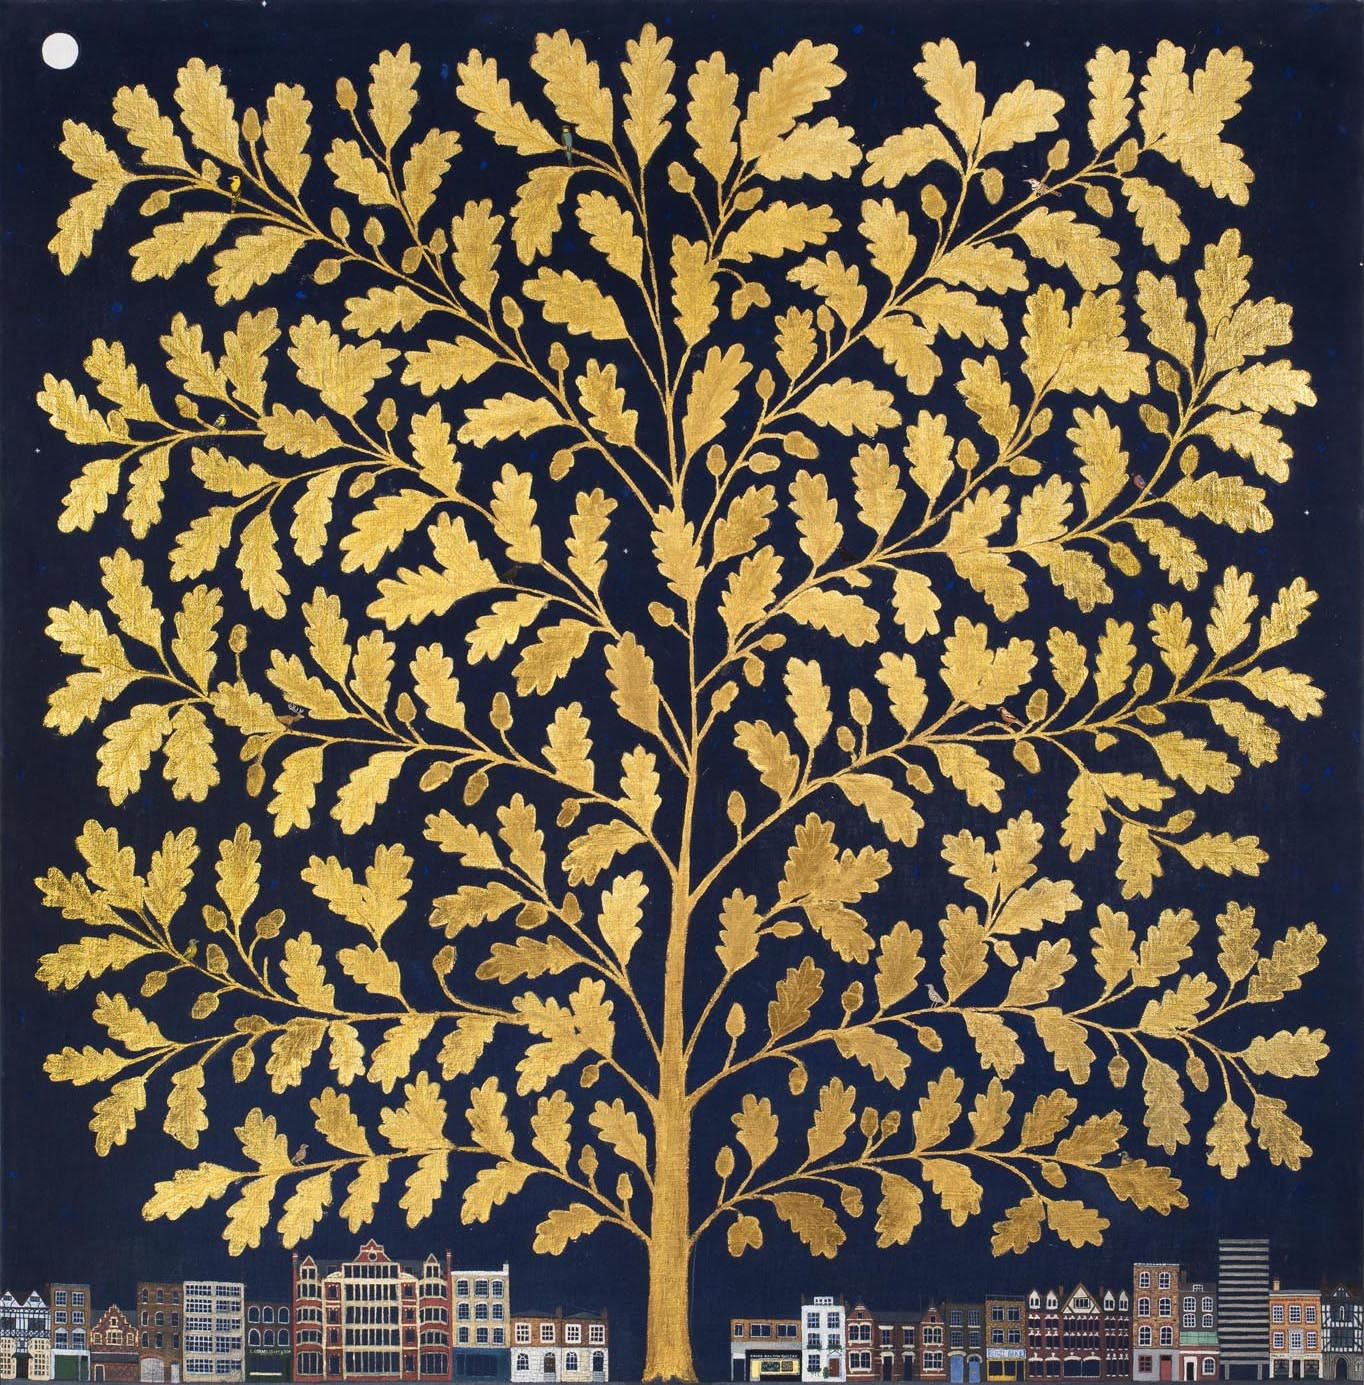 Jethro BUCK (b.1986) London's Oak, 2019 SOLD